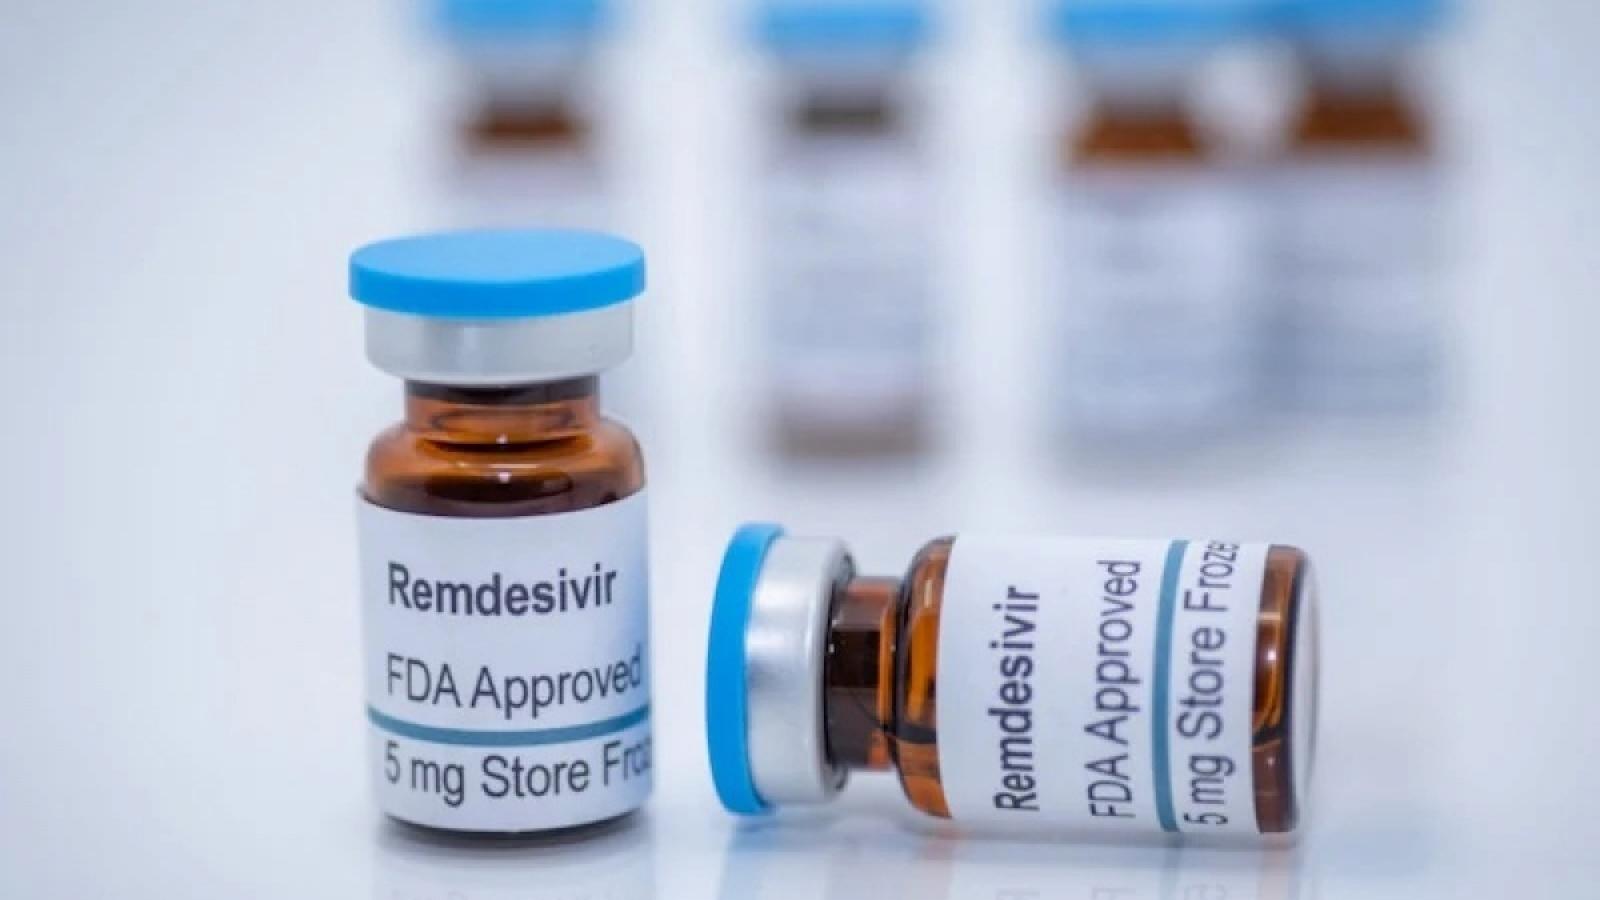 Thuốc Remdesivir có hiệu quả giảm tỷ lệ tử vong ở bệnh nhân COVID-19?